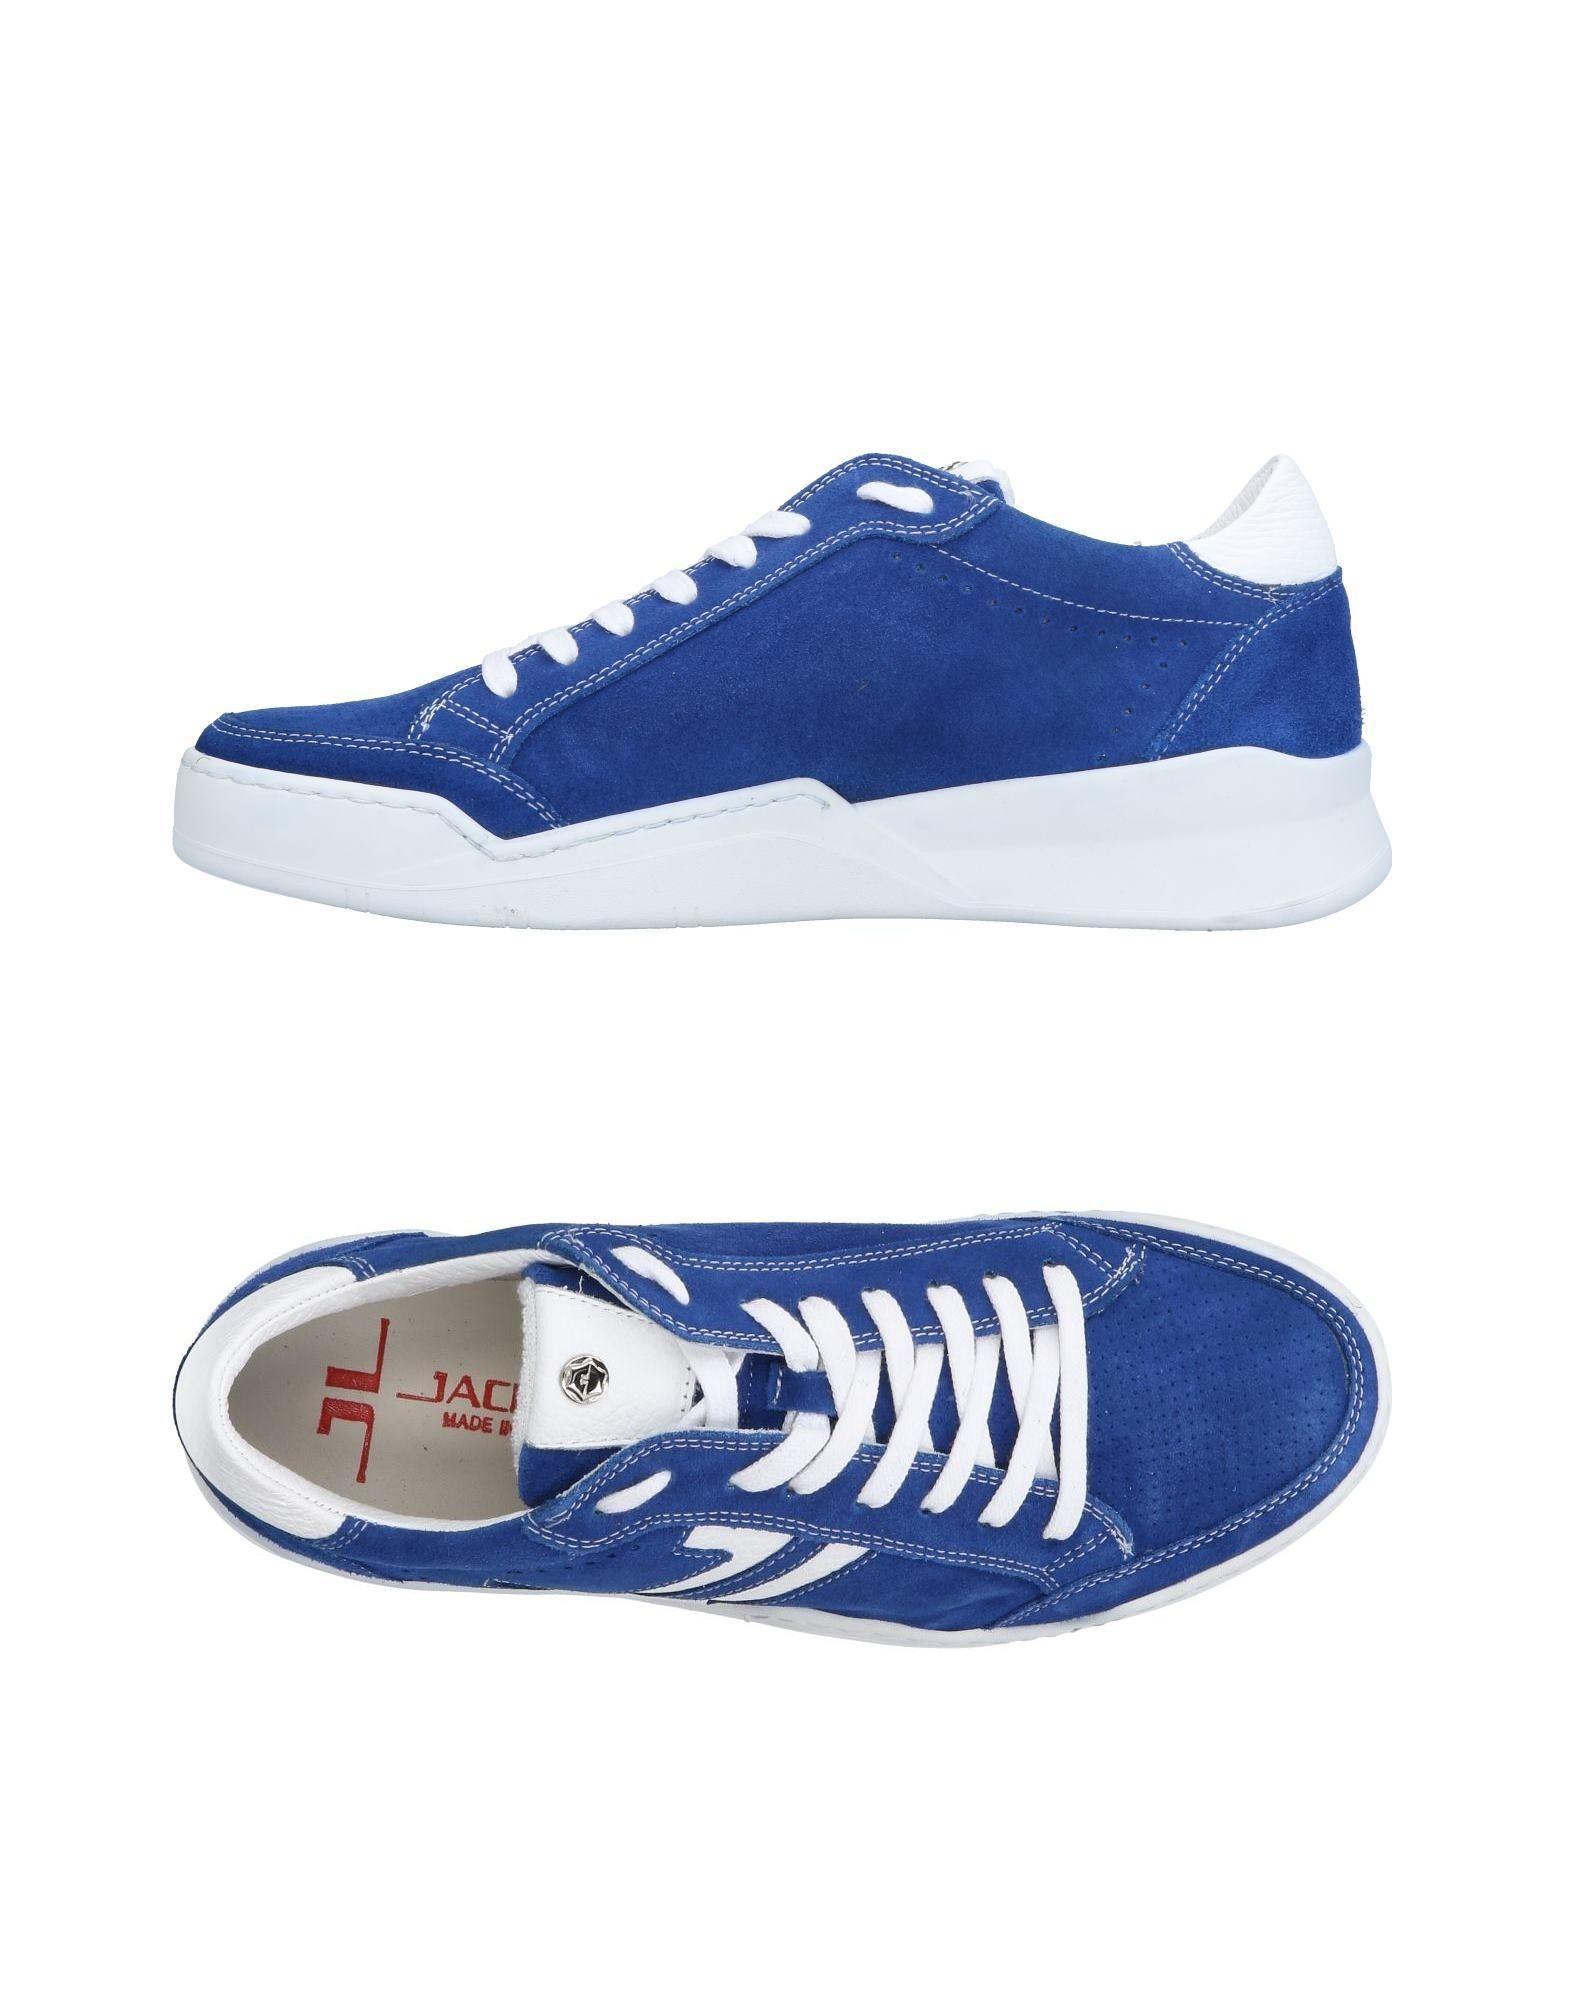 Scarpe economiche e resistenti Sneakers Jackal Uomo - 11498175ET